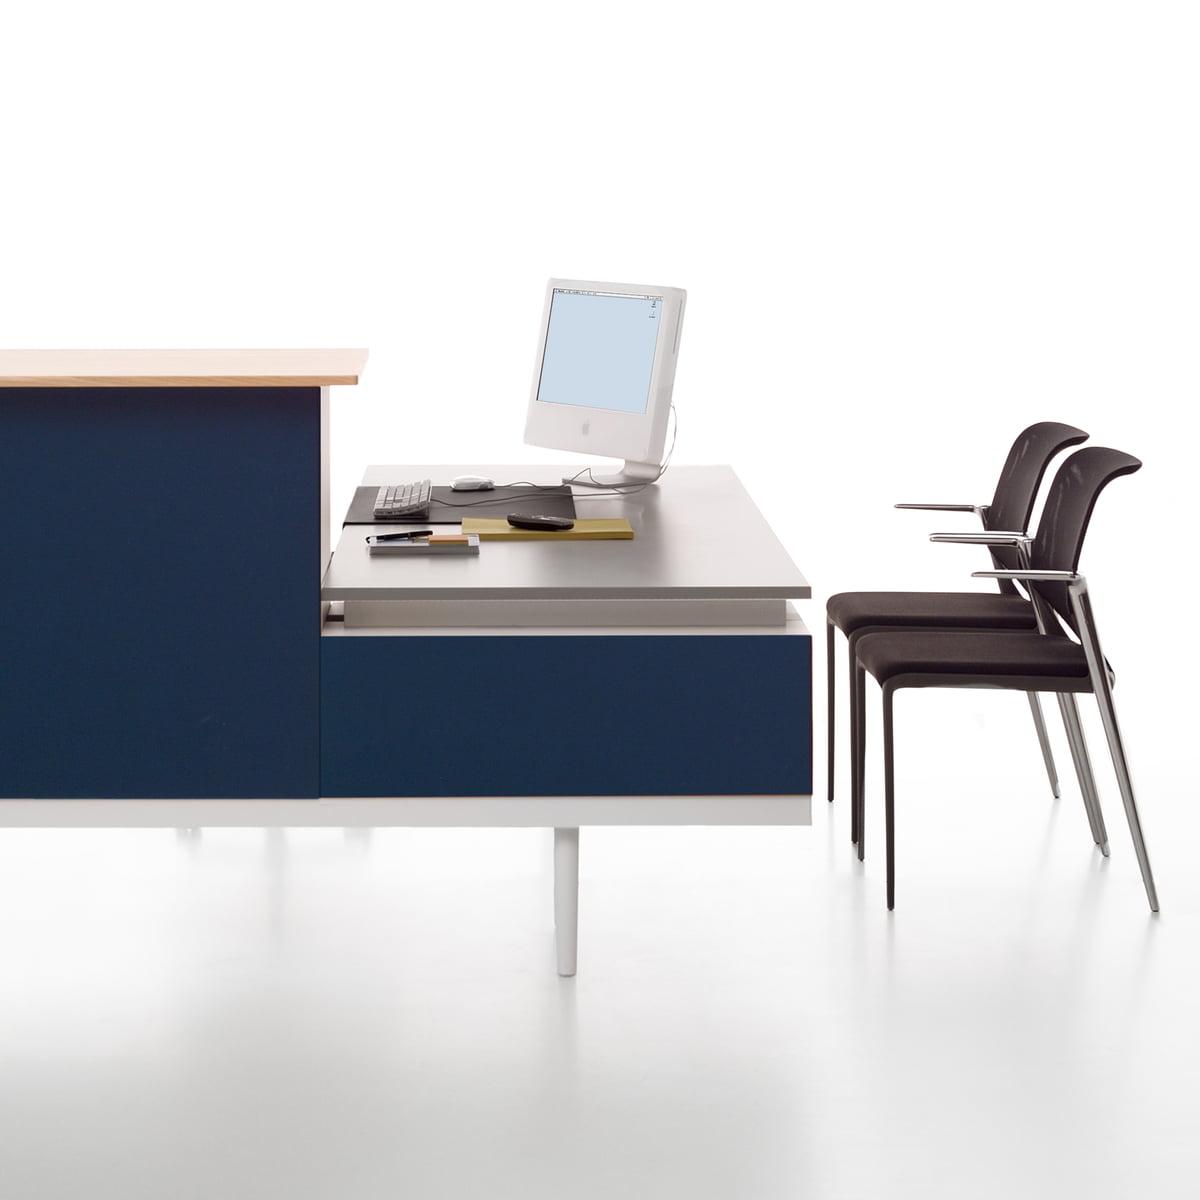 medaslim vitra shop. Black Bedroom Furniture Sets. Home Design Ideas